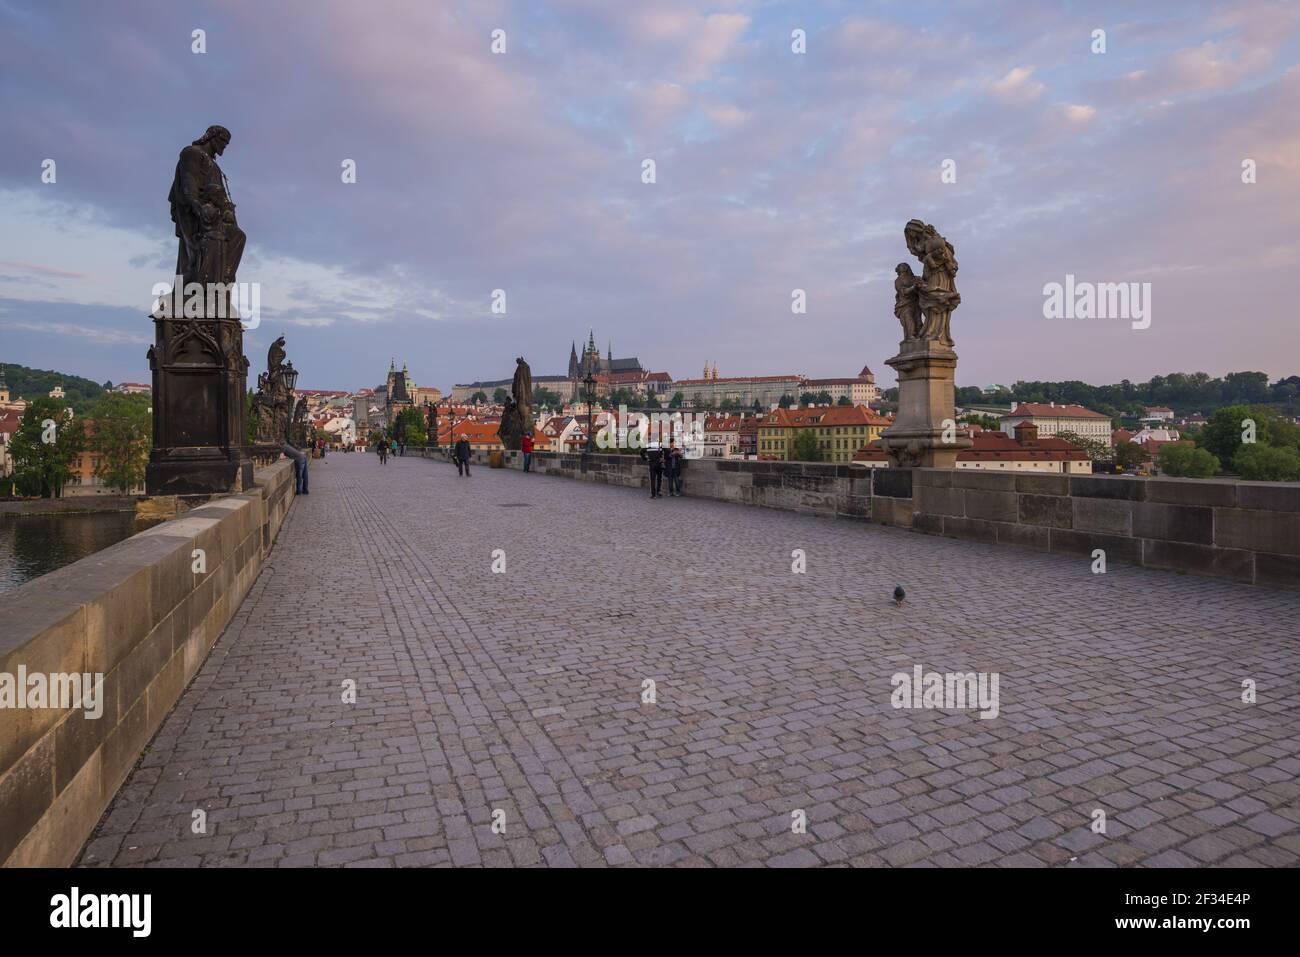 Geografia / viaggio, Czechia, Boemia, Ponte Carlo, dietro di esso della Cattedrale di San Vito, patrimonio culturale mondiale dell'UNESCO, Mala , libertà di Panorama Foto Stock